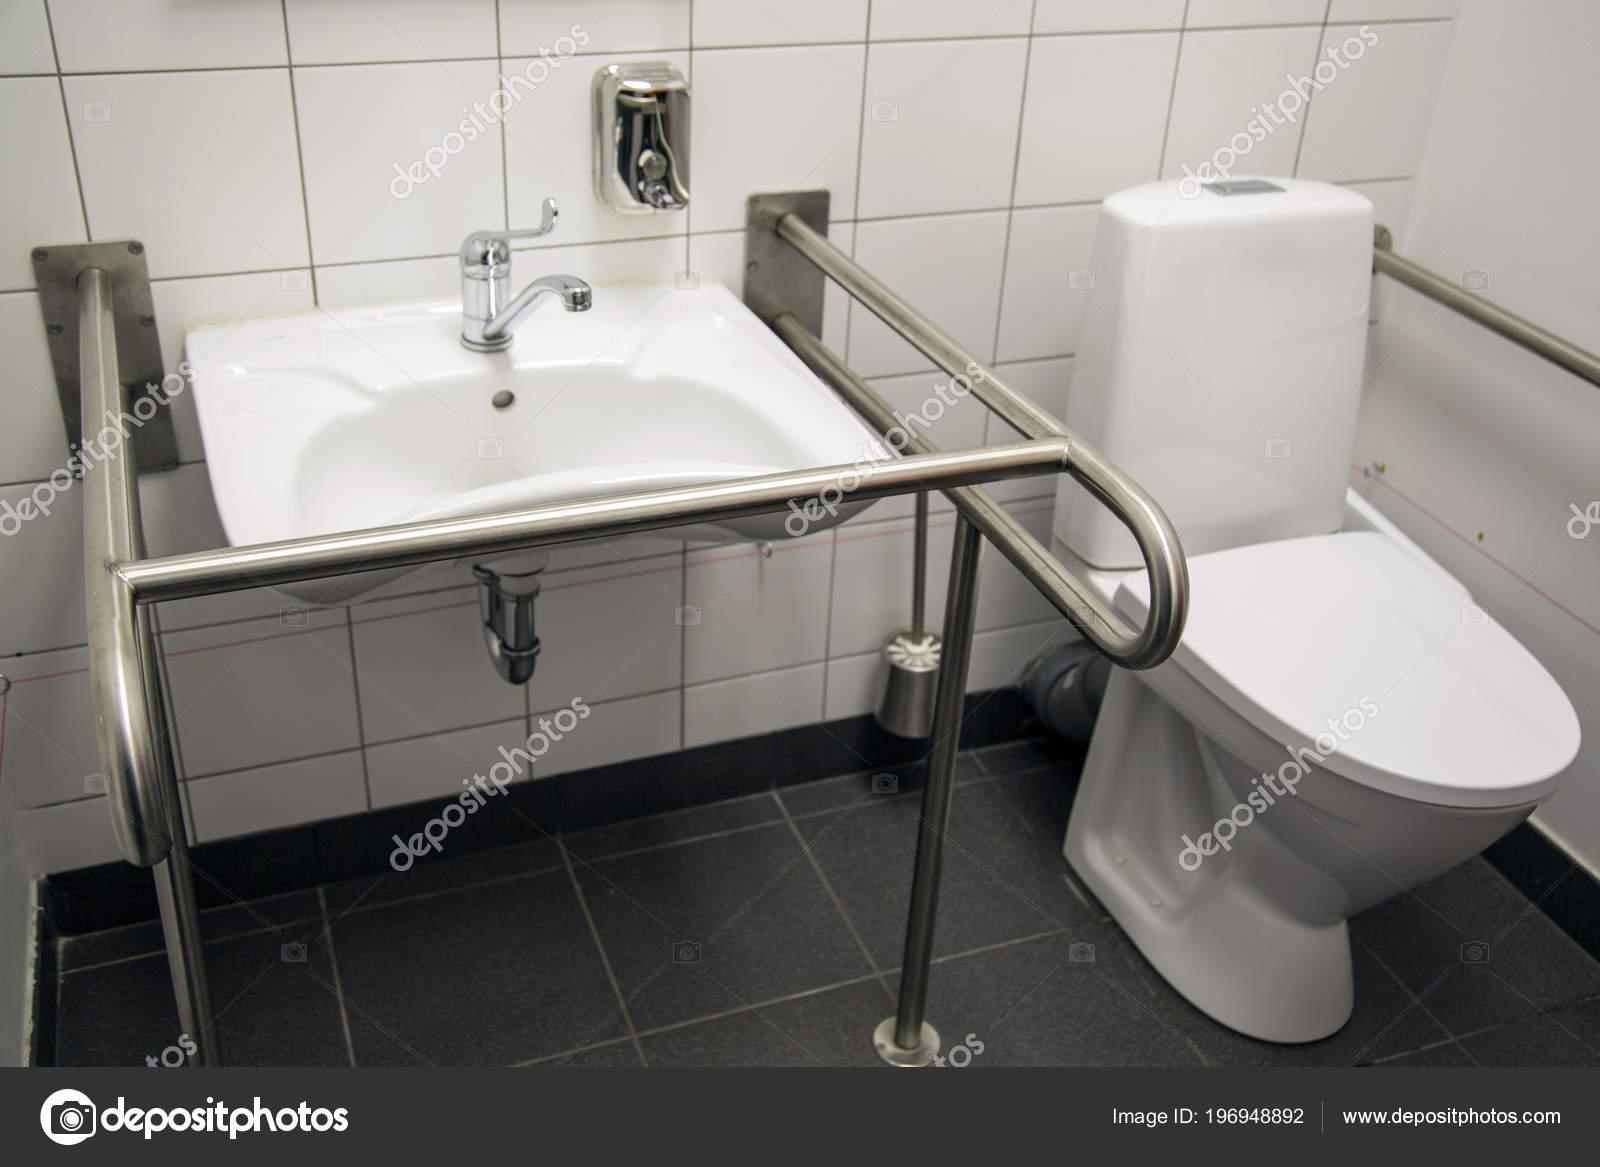 Bagno per portatori di handicap con duravit starck vaso sospeso